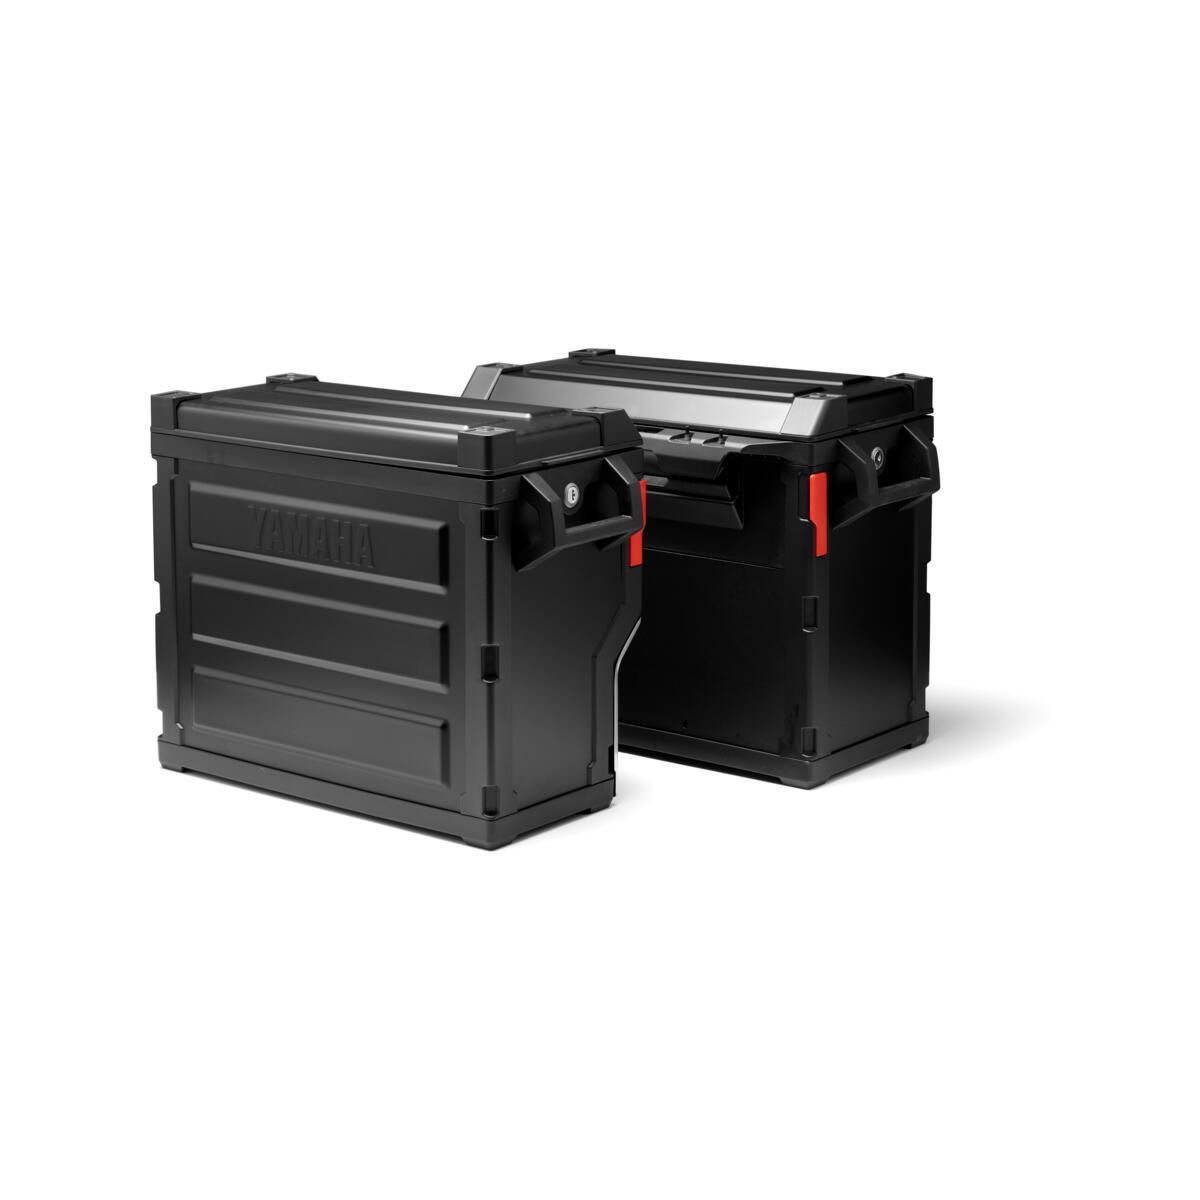 Cerradura de Repuesto para Top Case Malet/ín 32L